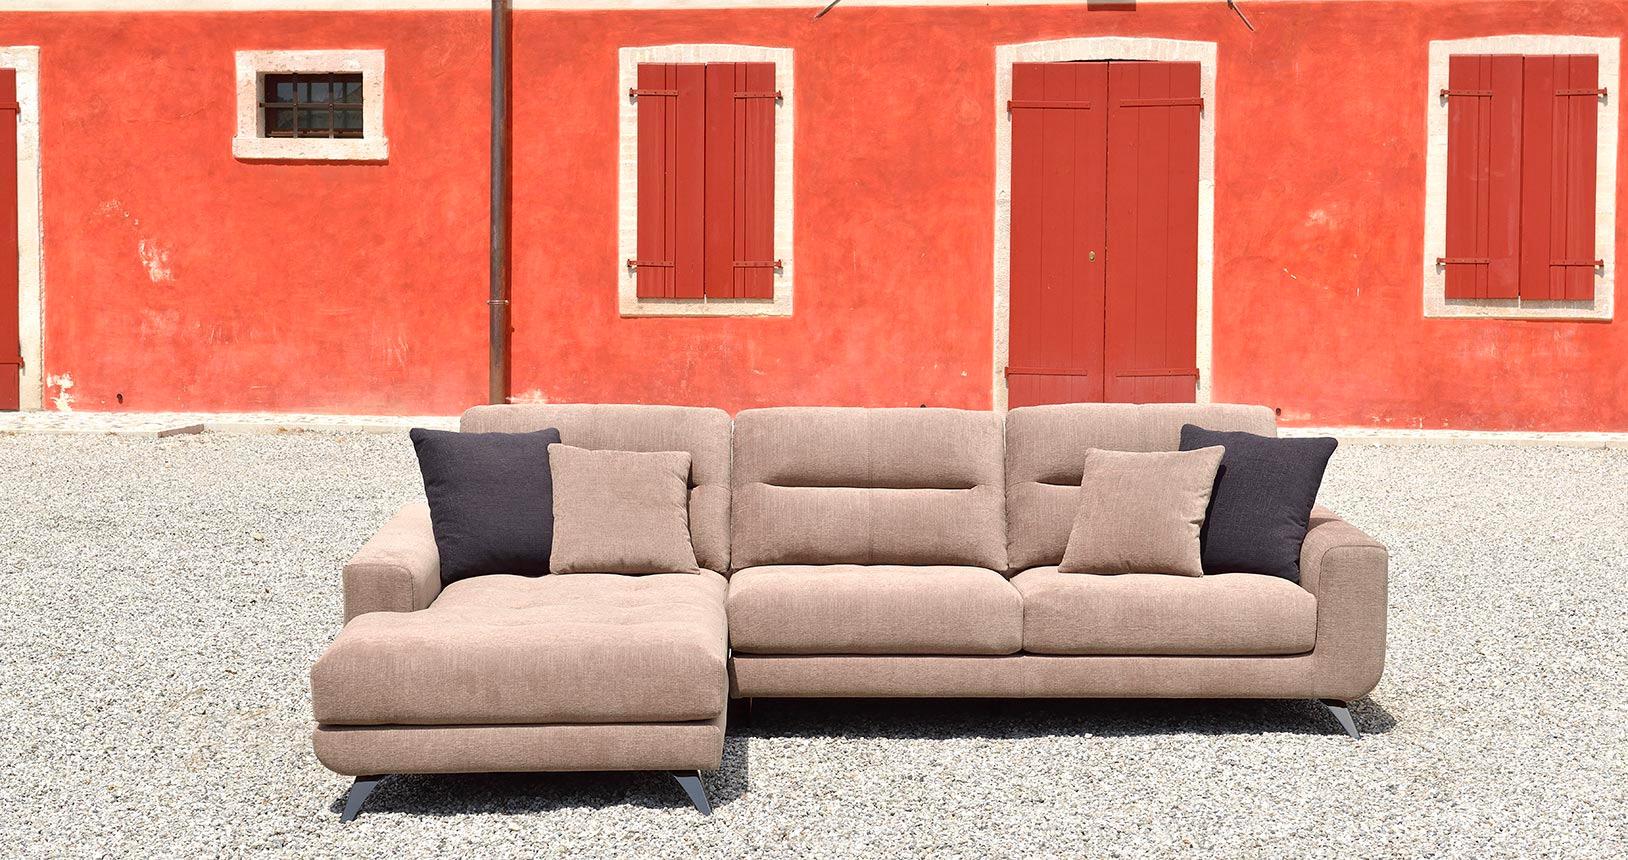 isabella-divano-fronte-cuscini-marroni